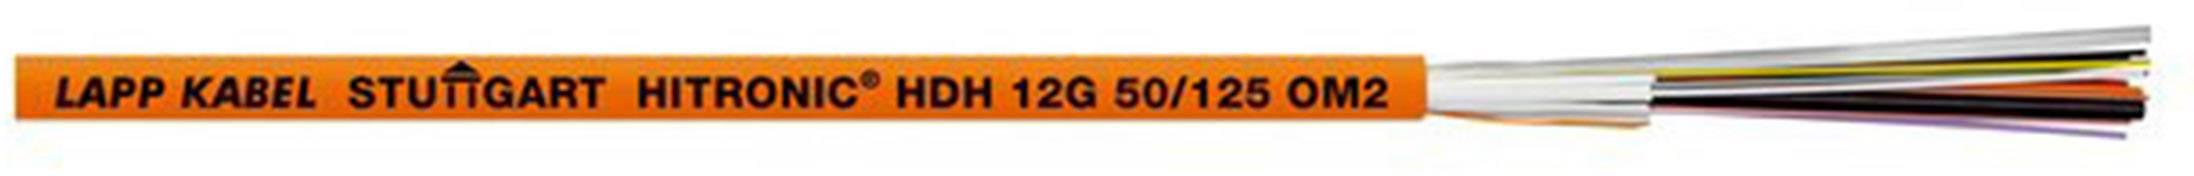 Skleněné vlákno LAPP HITRONIC HDH 4G 62.5/125 OM1 26010104, oranžová, 500 m